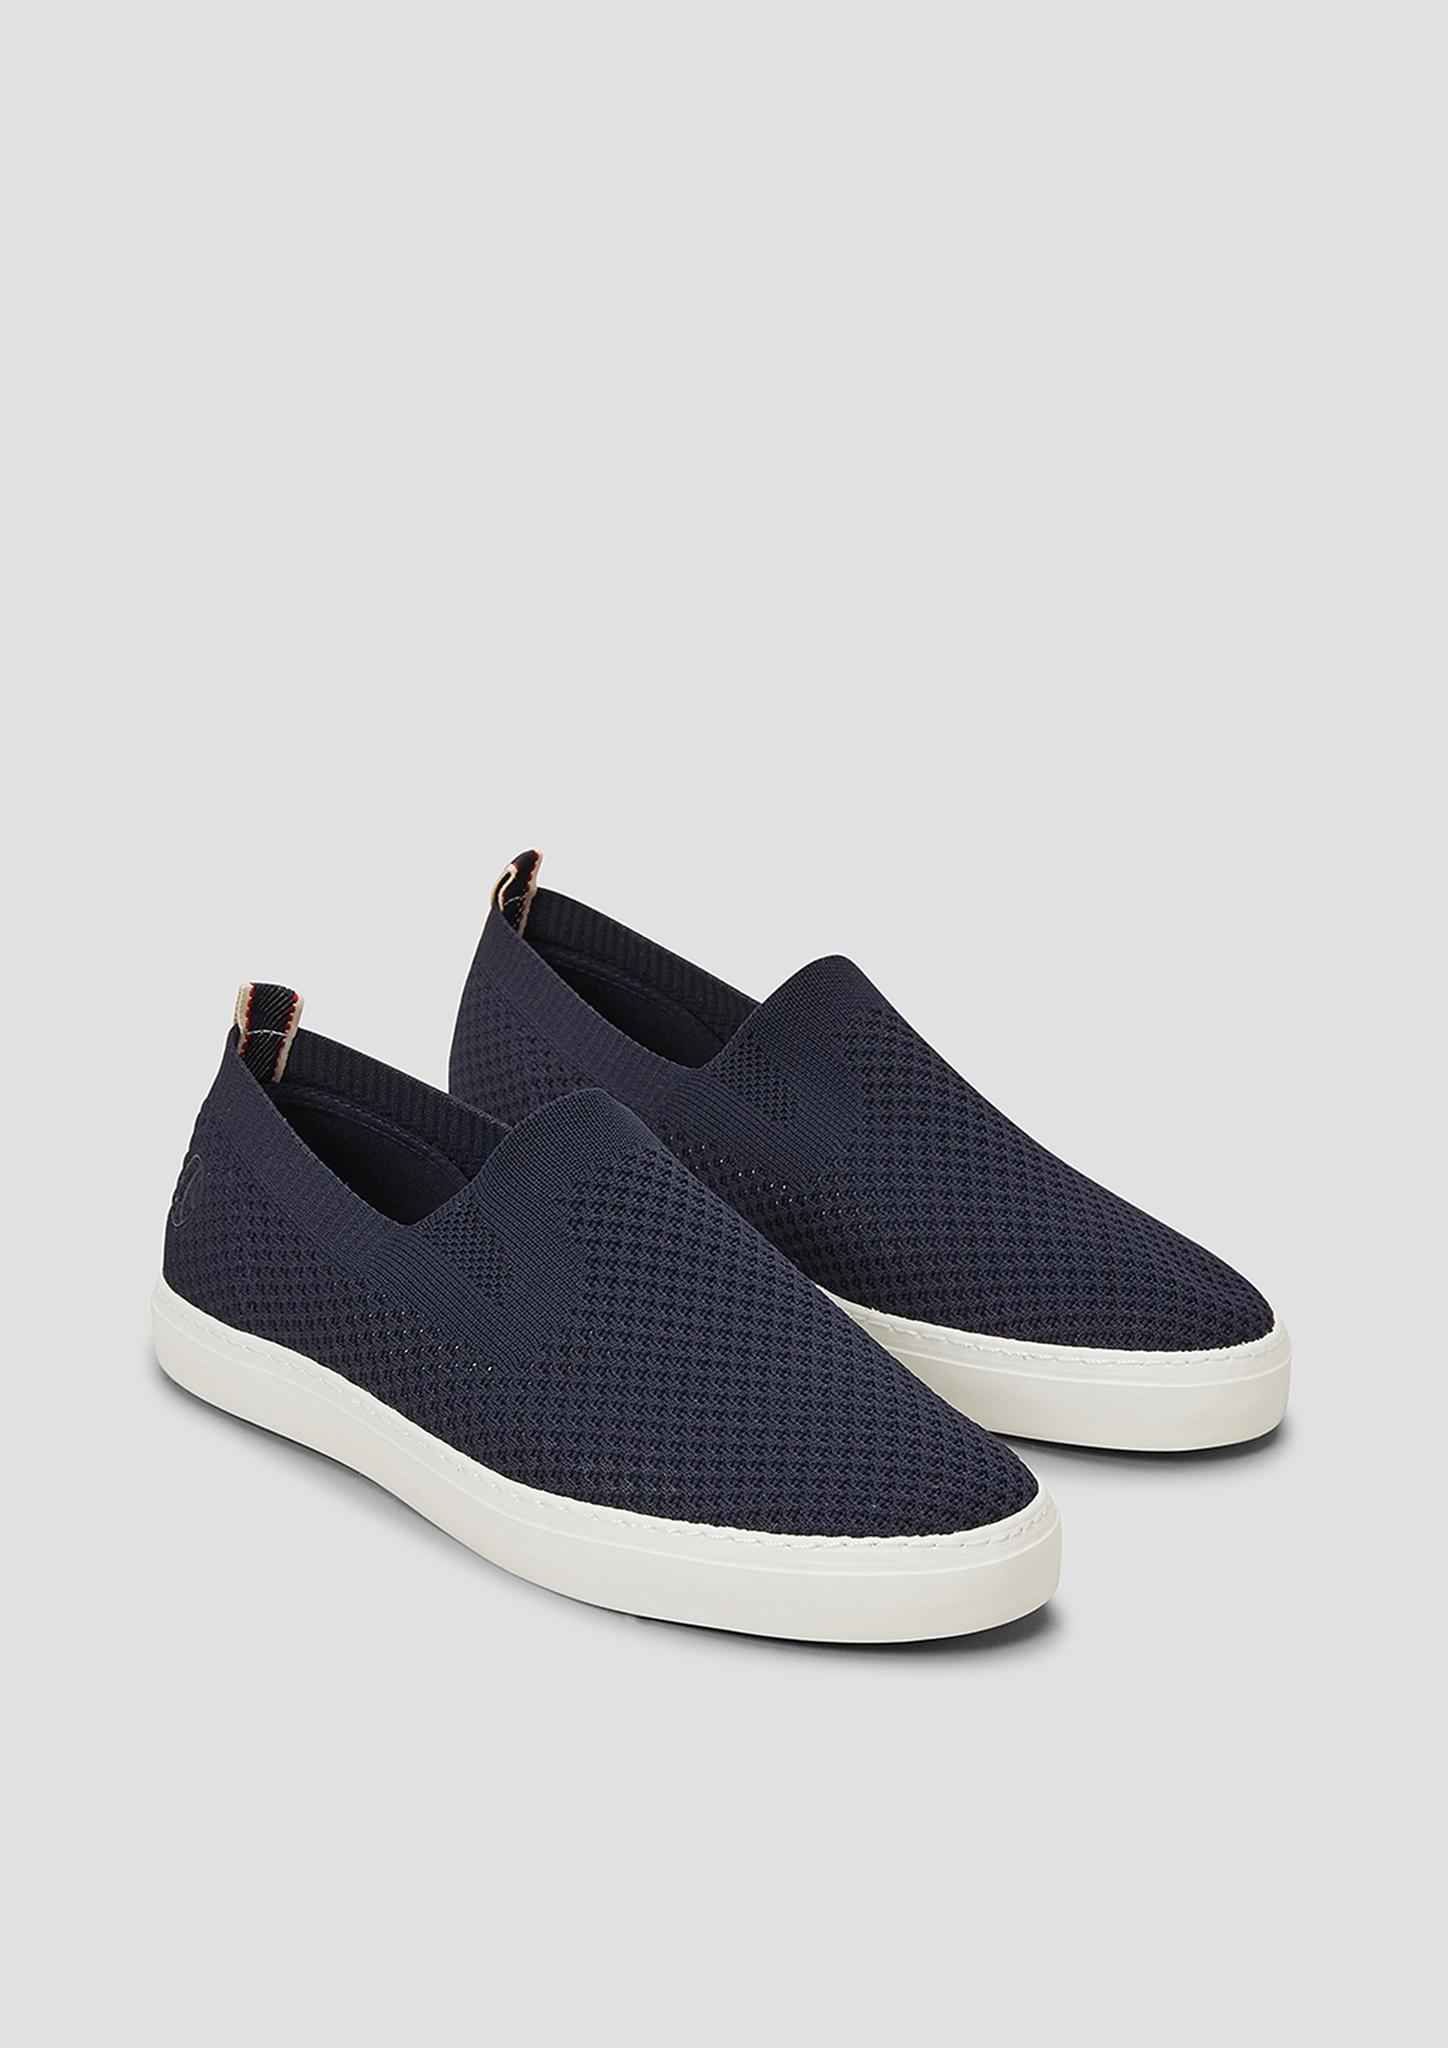 Knitwear-Slipper | Schuhe > Slipper | s.Oliver